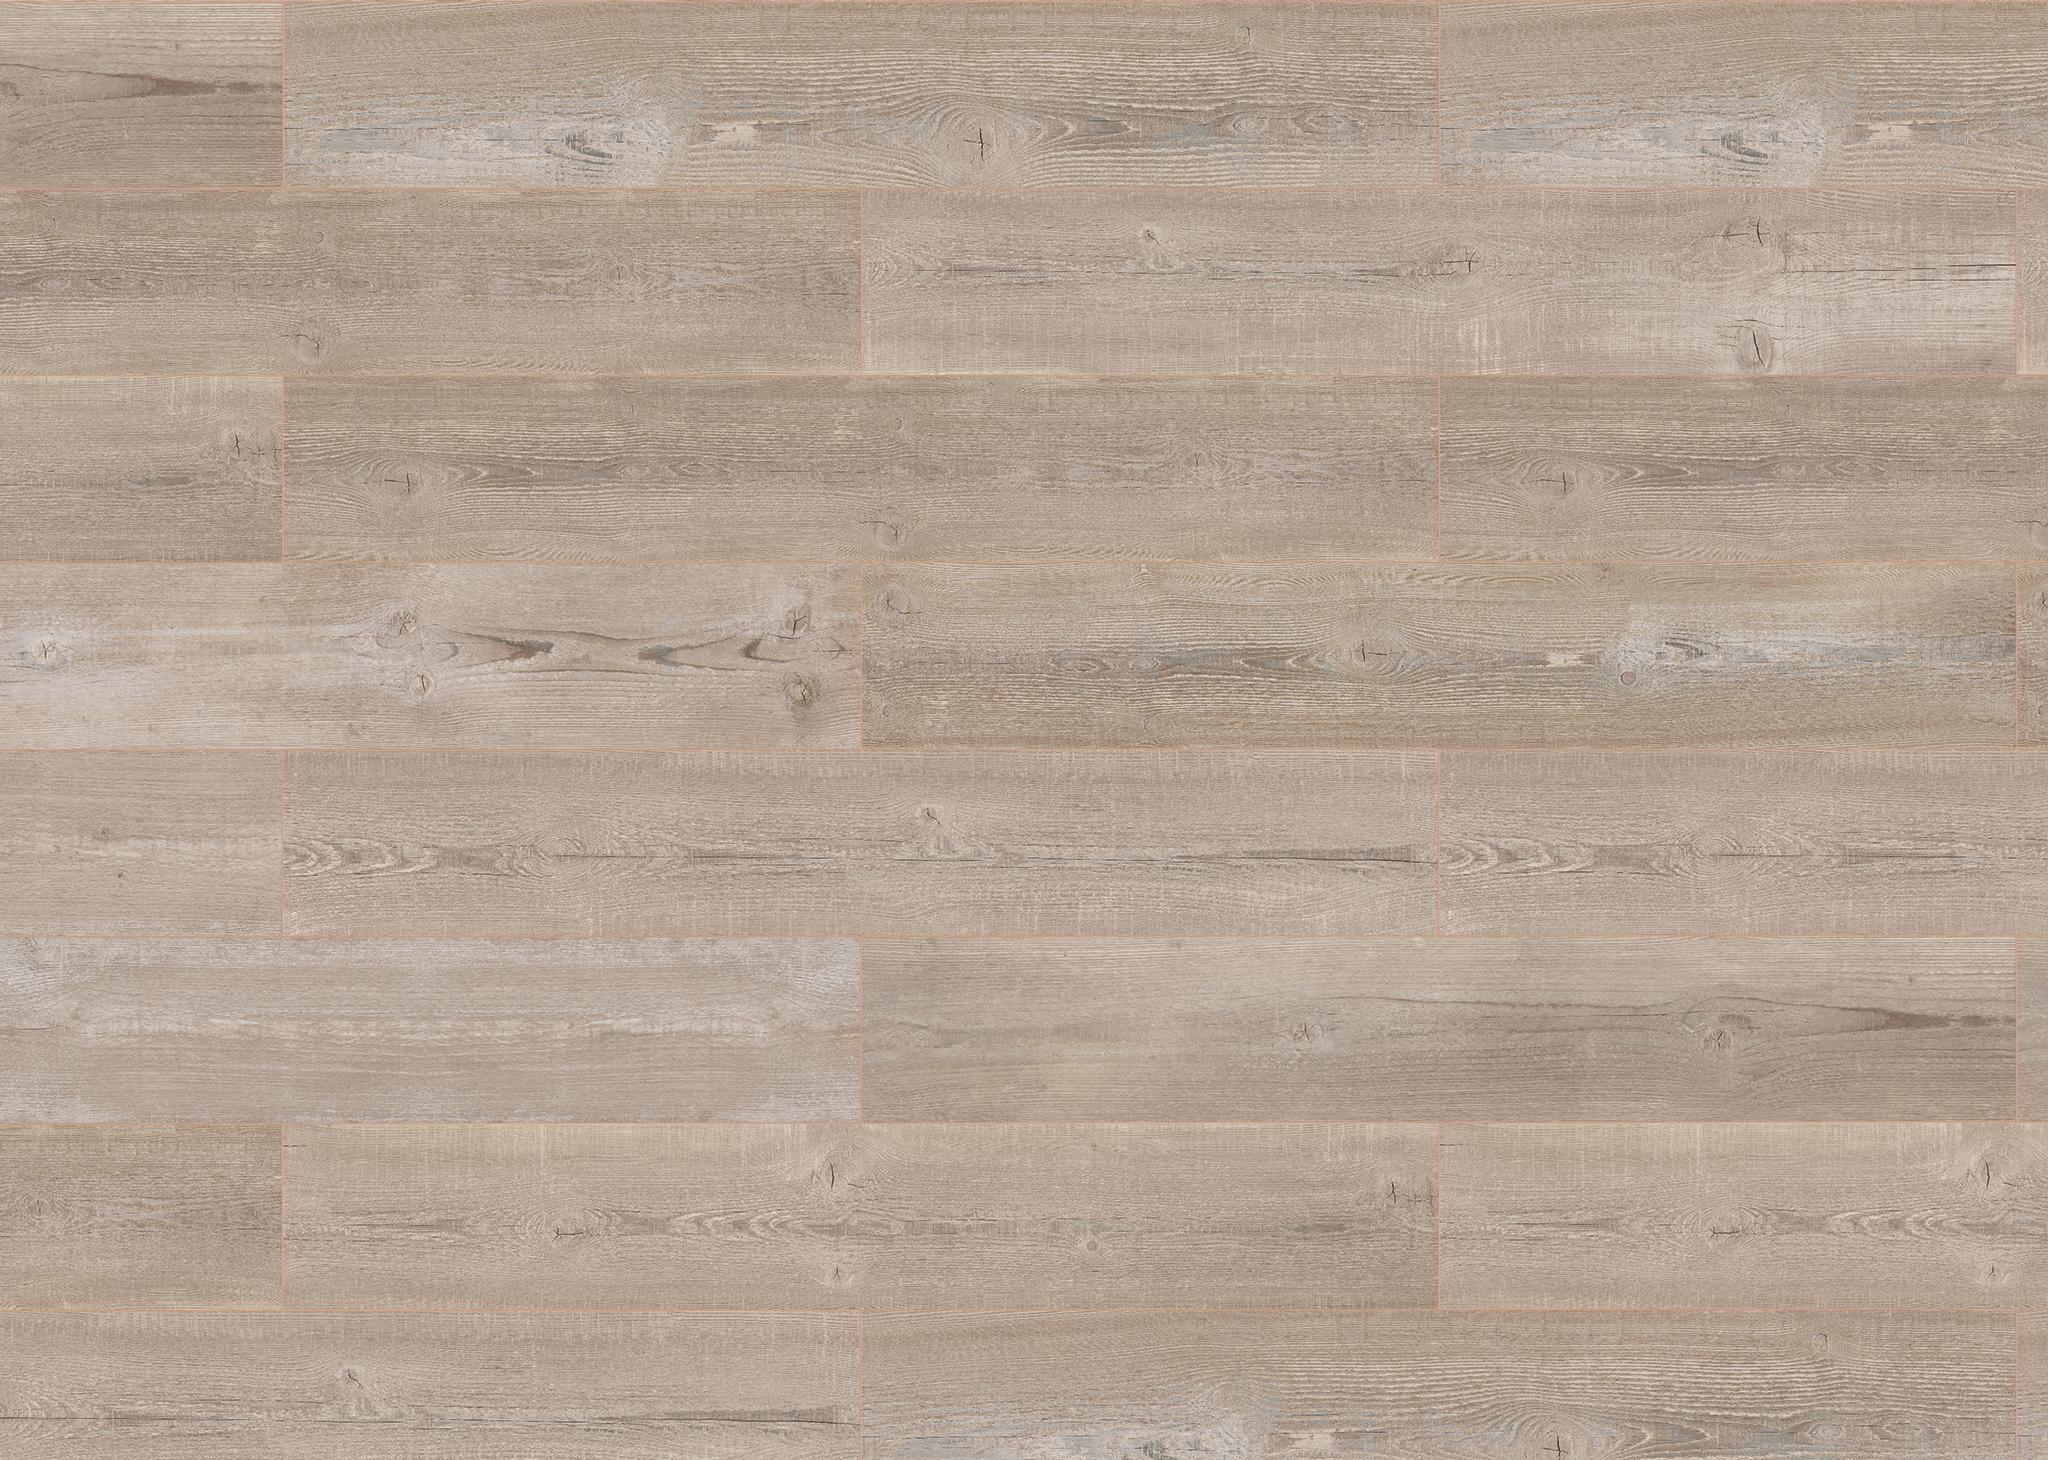 eterna Loc 7 scandic ash laminate floor